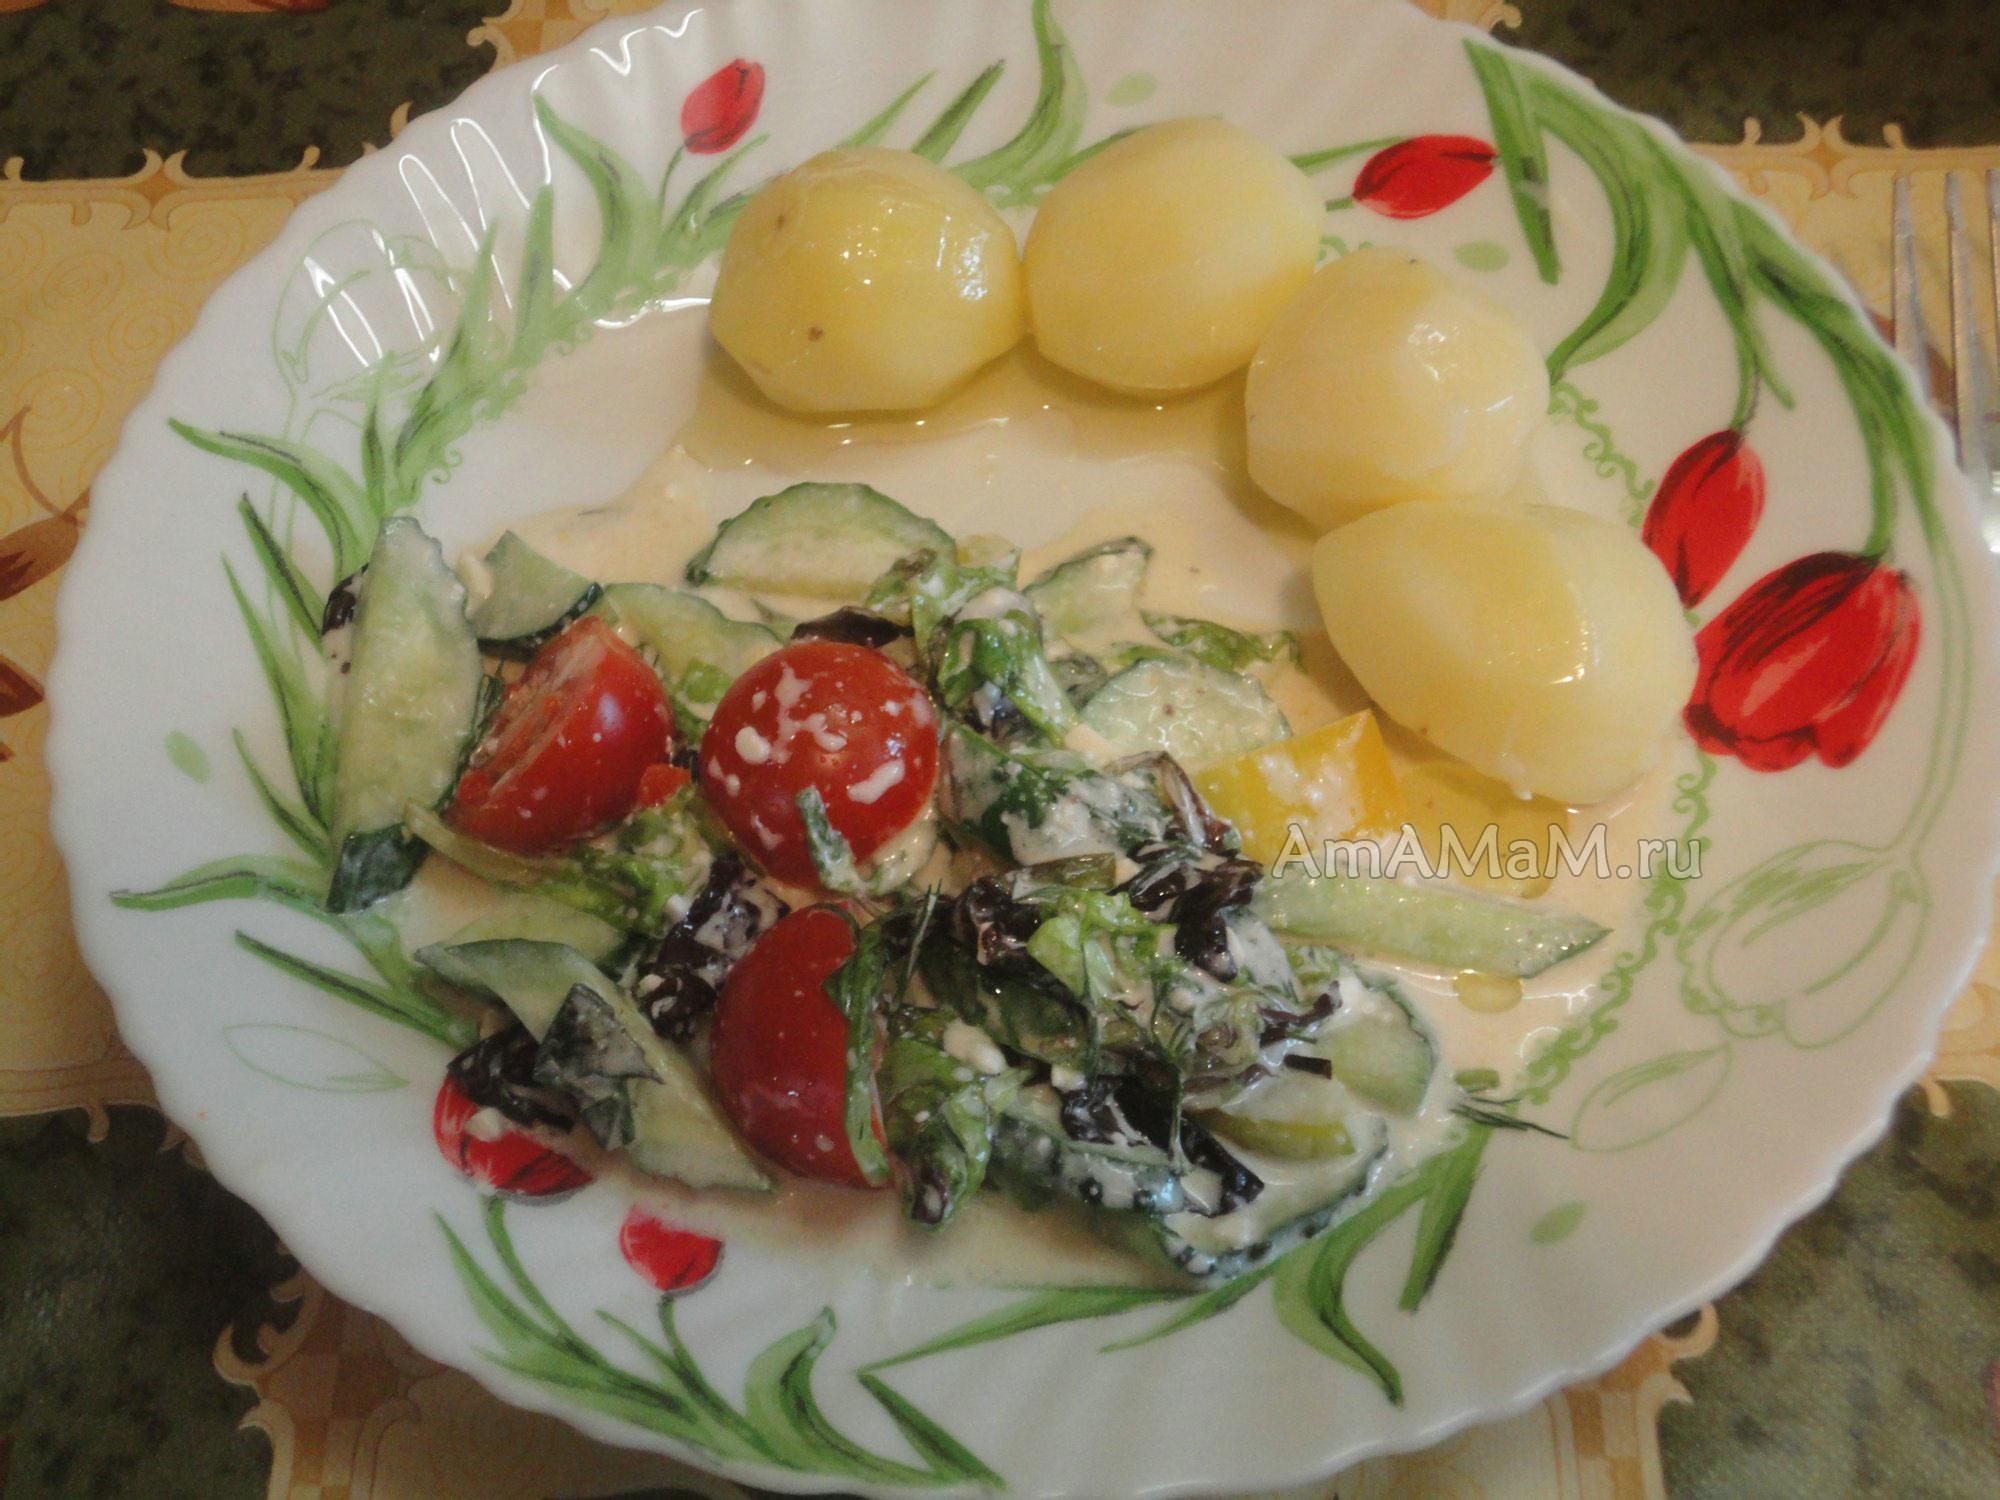 рецепты блюд смешанный салат